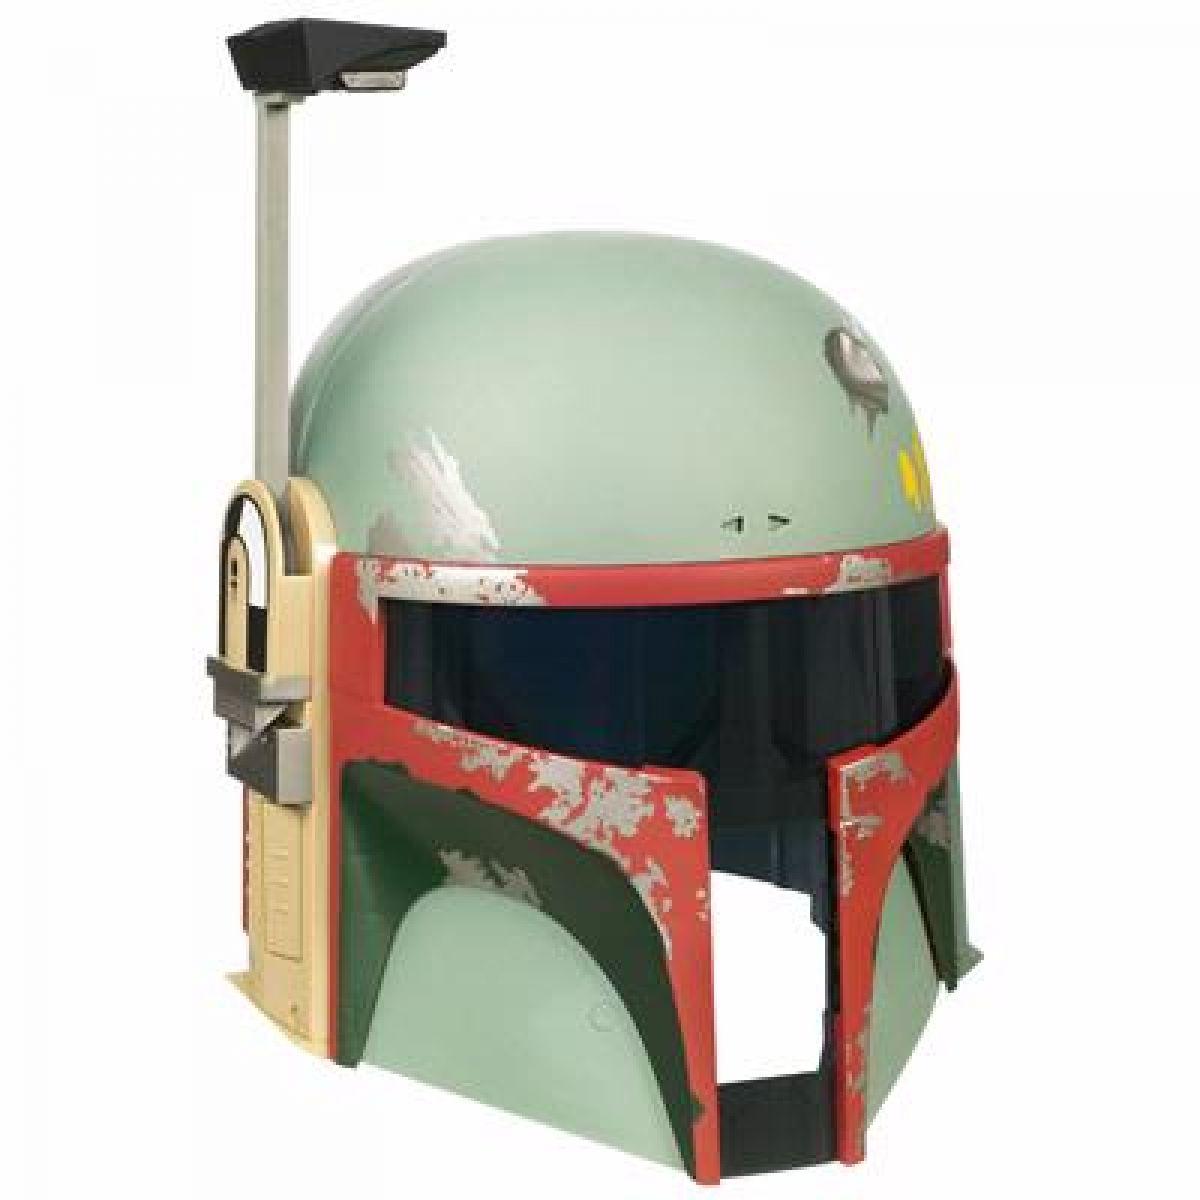 Star Wars Nová helma, zvuky, světla Hasbro